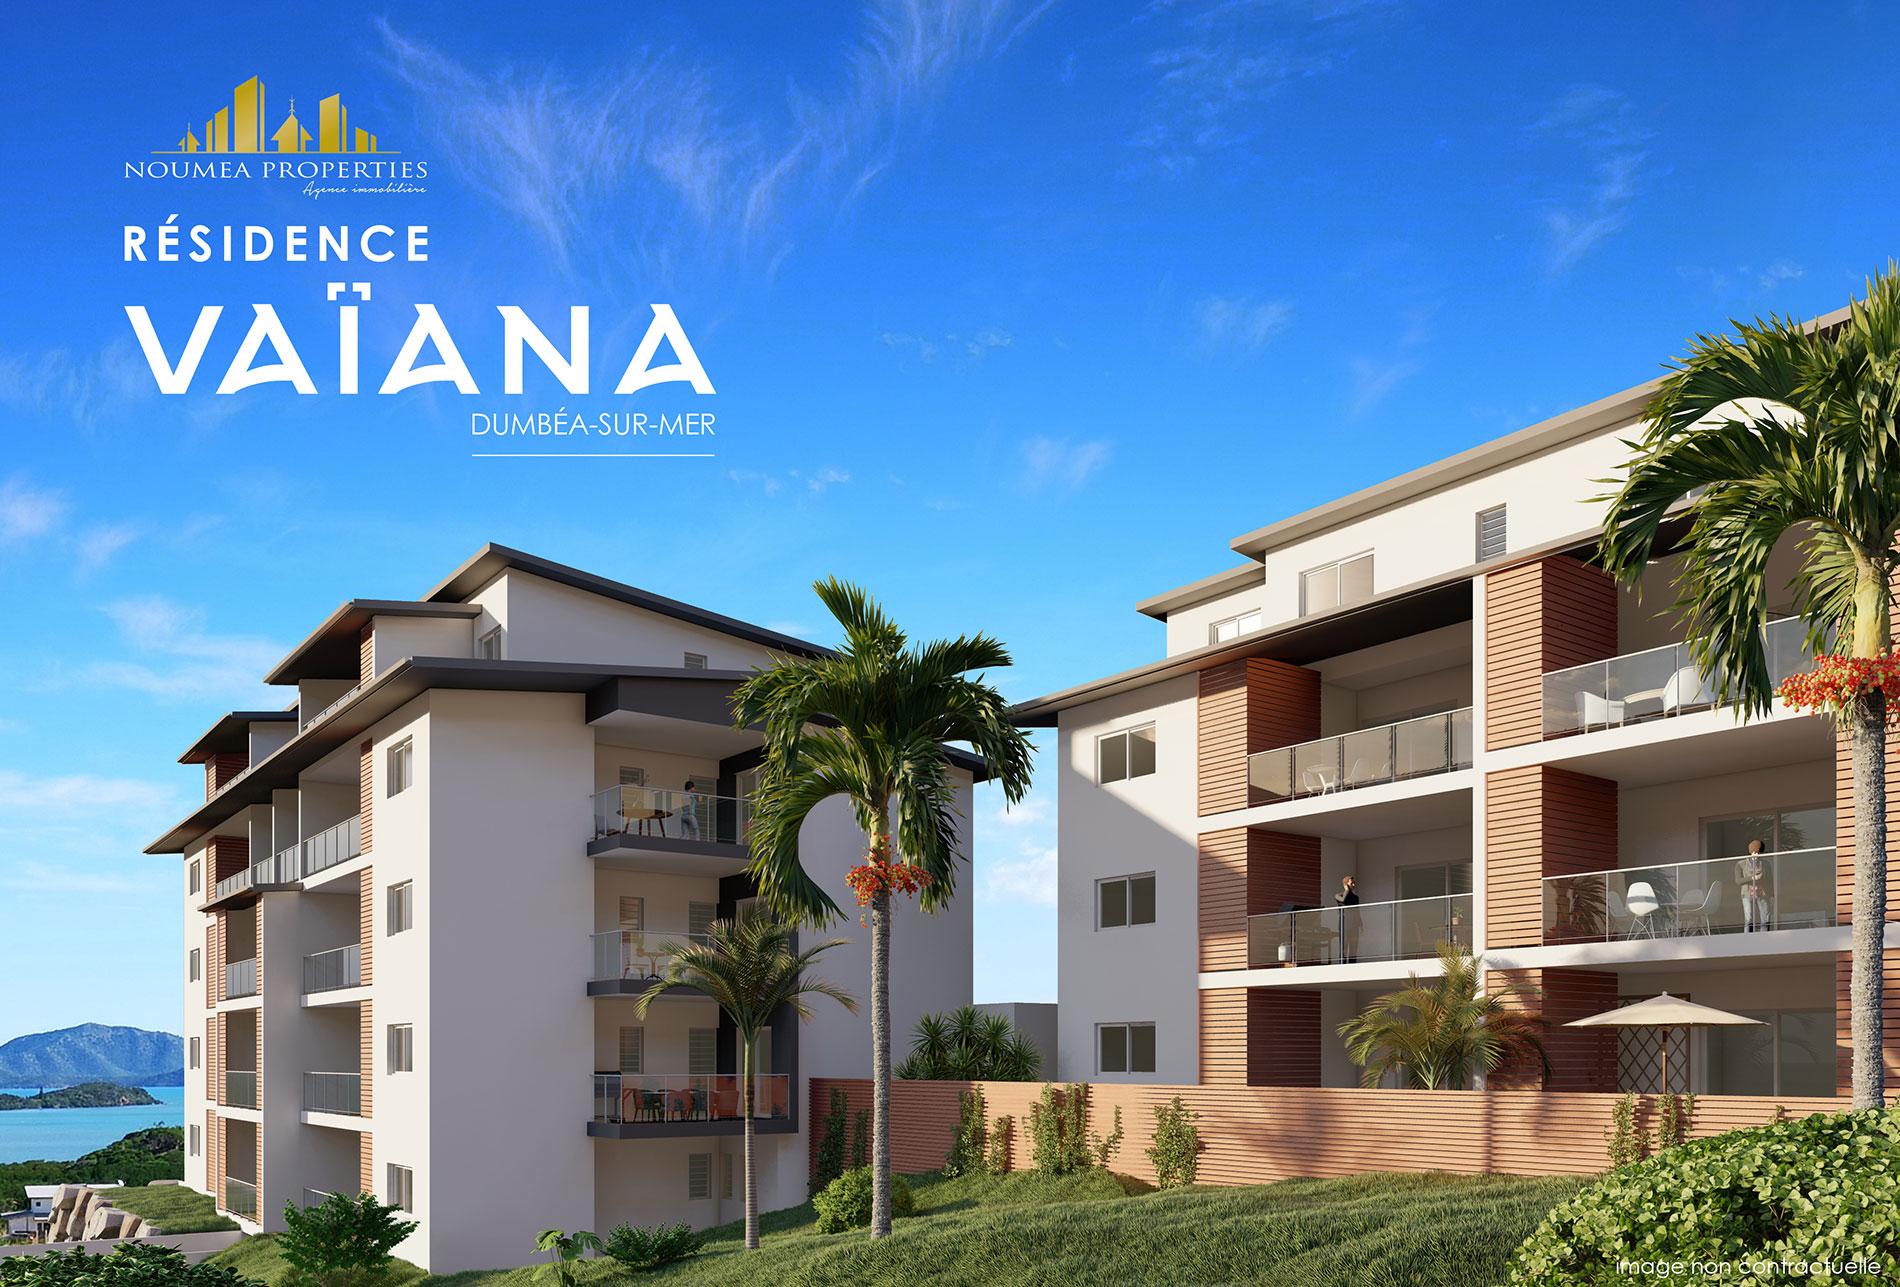 Residence Vaiana